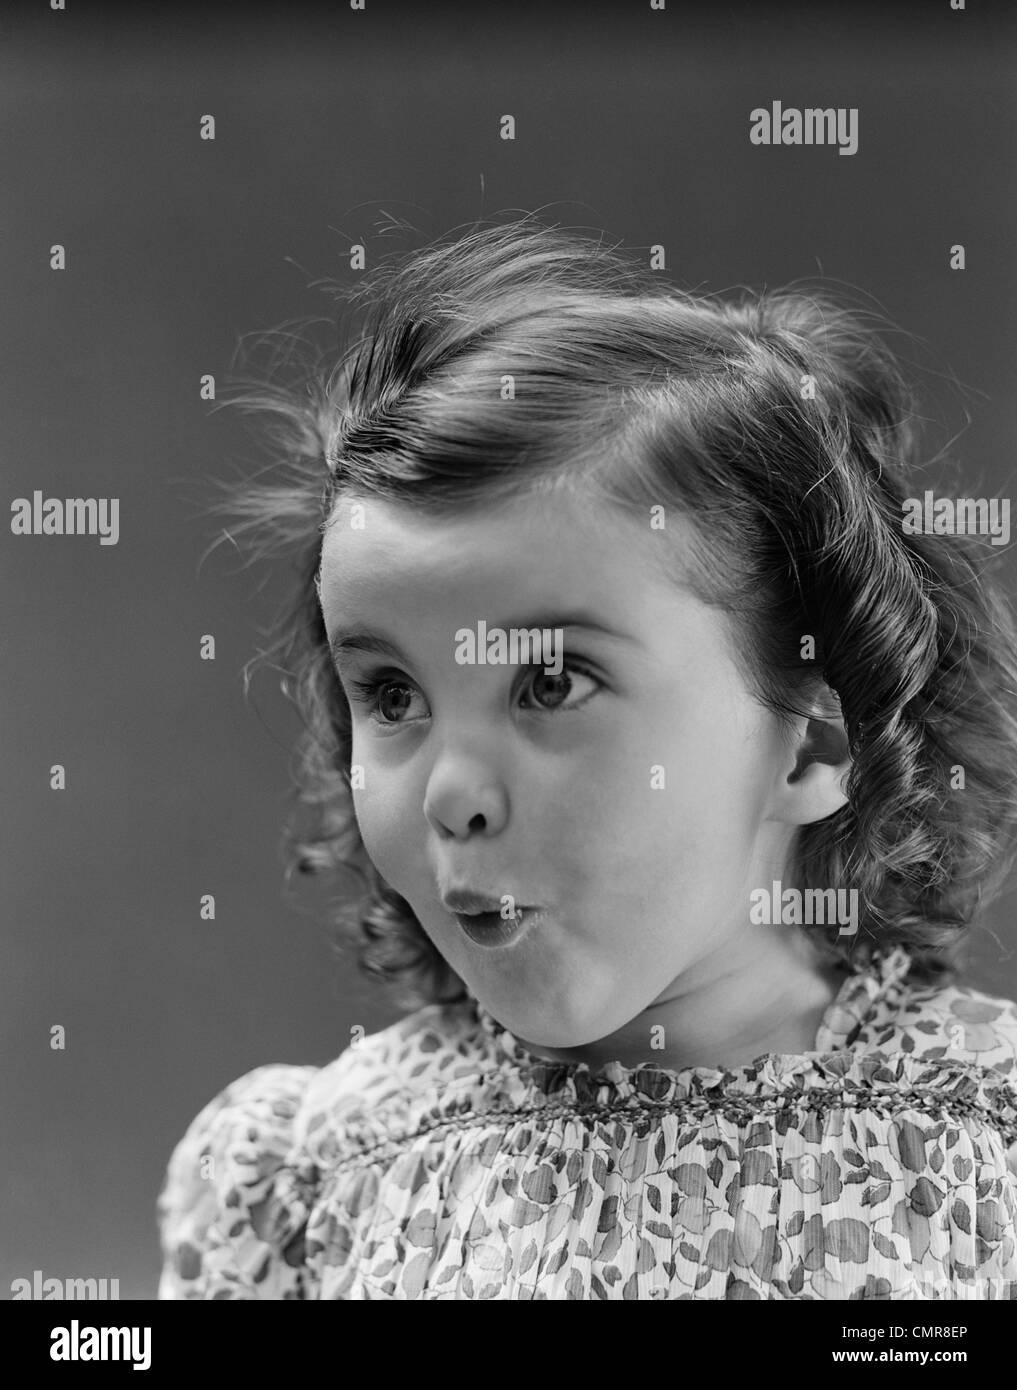 1930 RETRATO MORENA MENINA COM SURPRESO espantado com a expressão facial Imagens de Stock